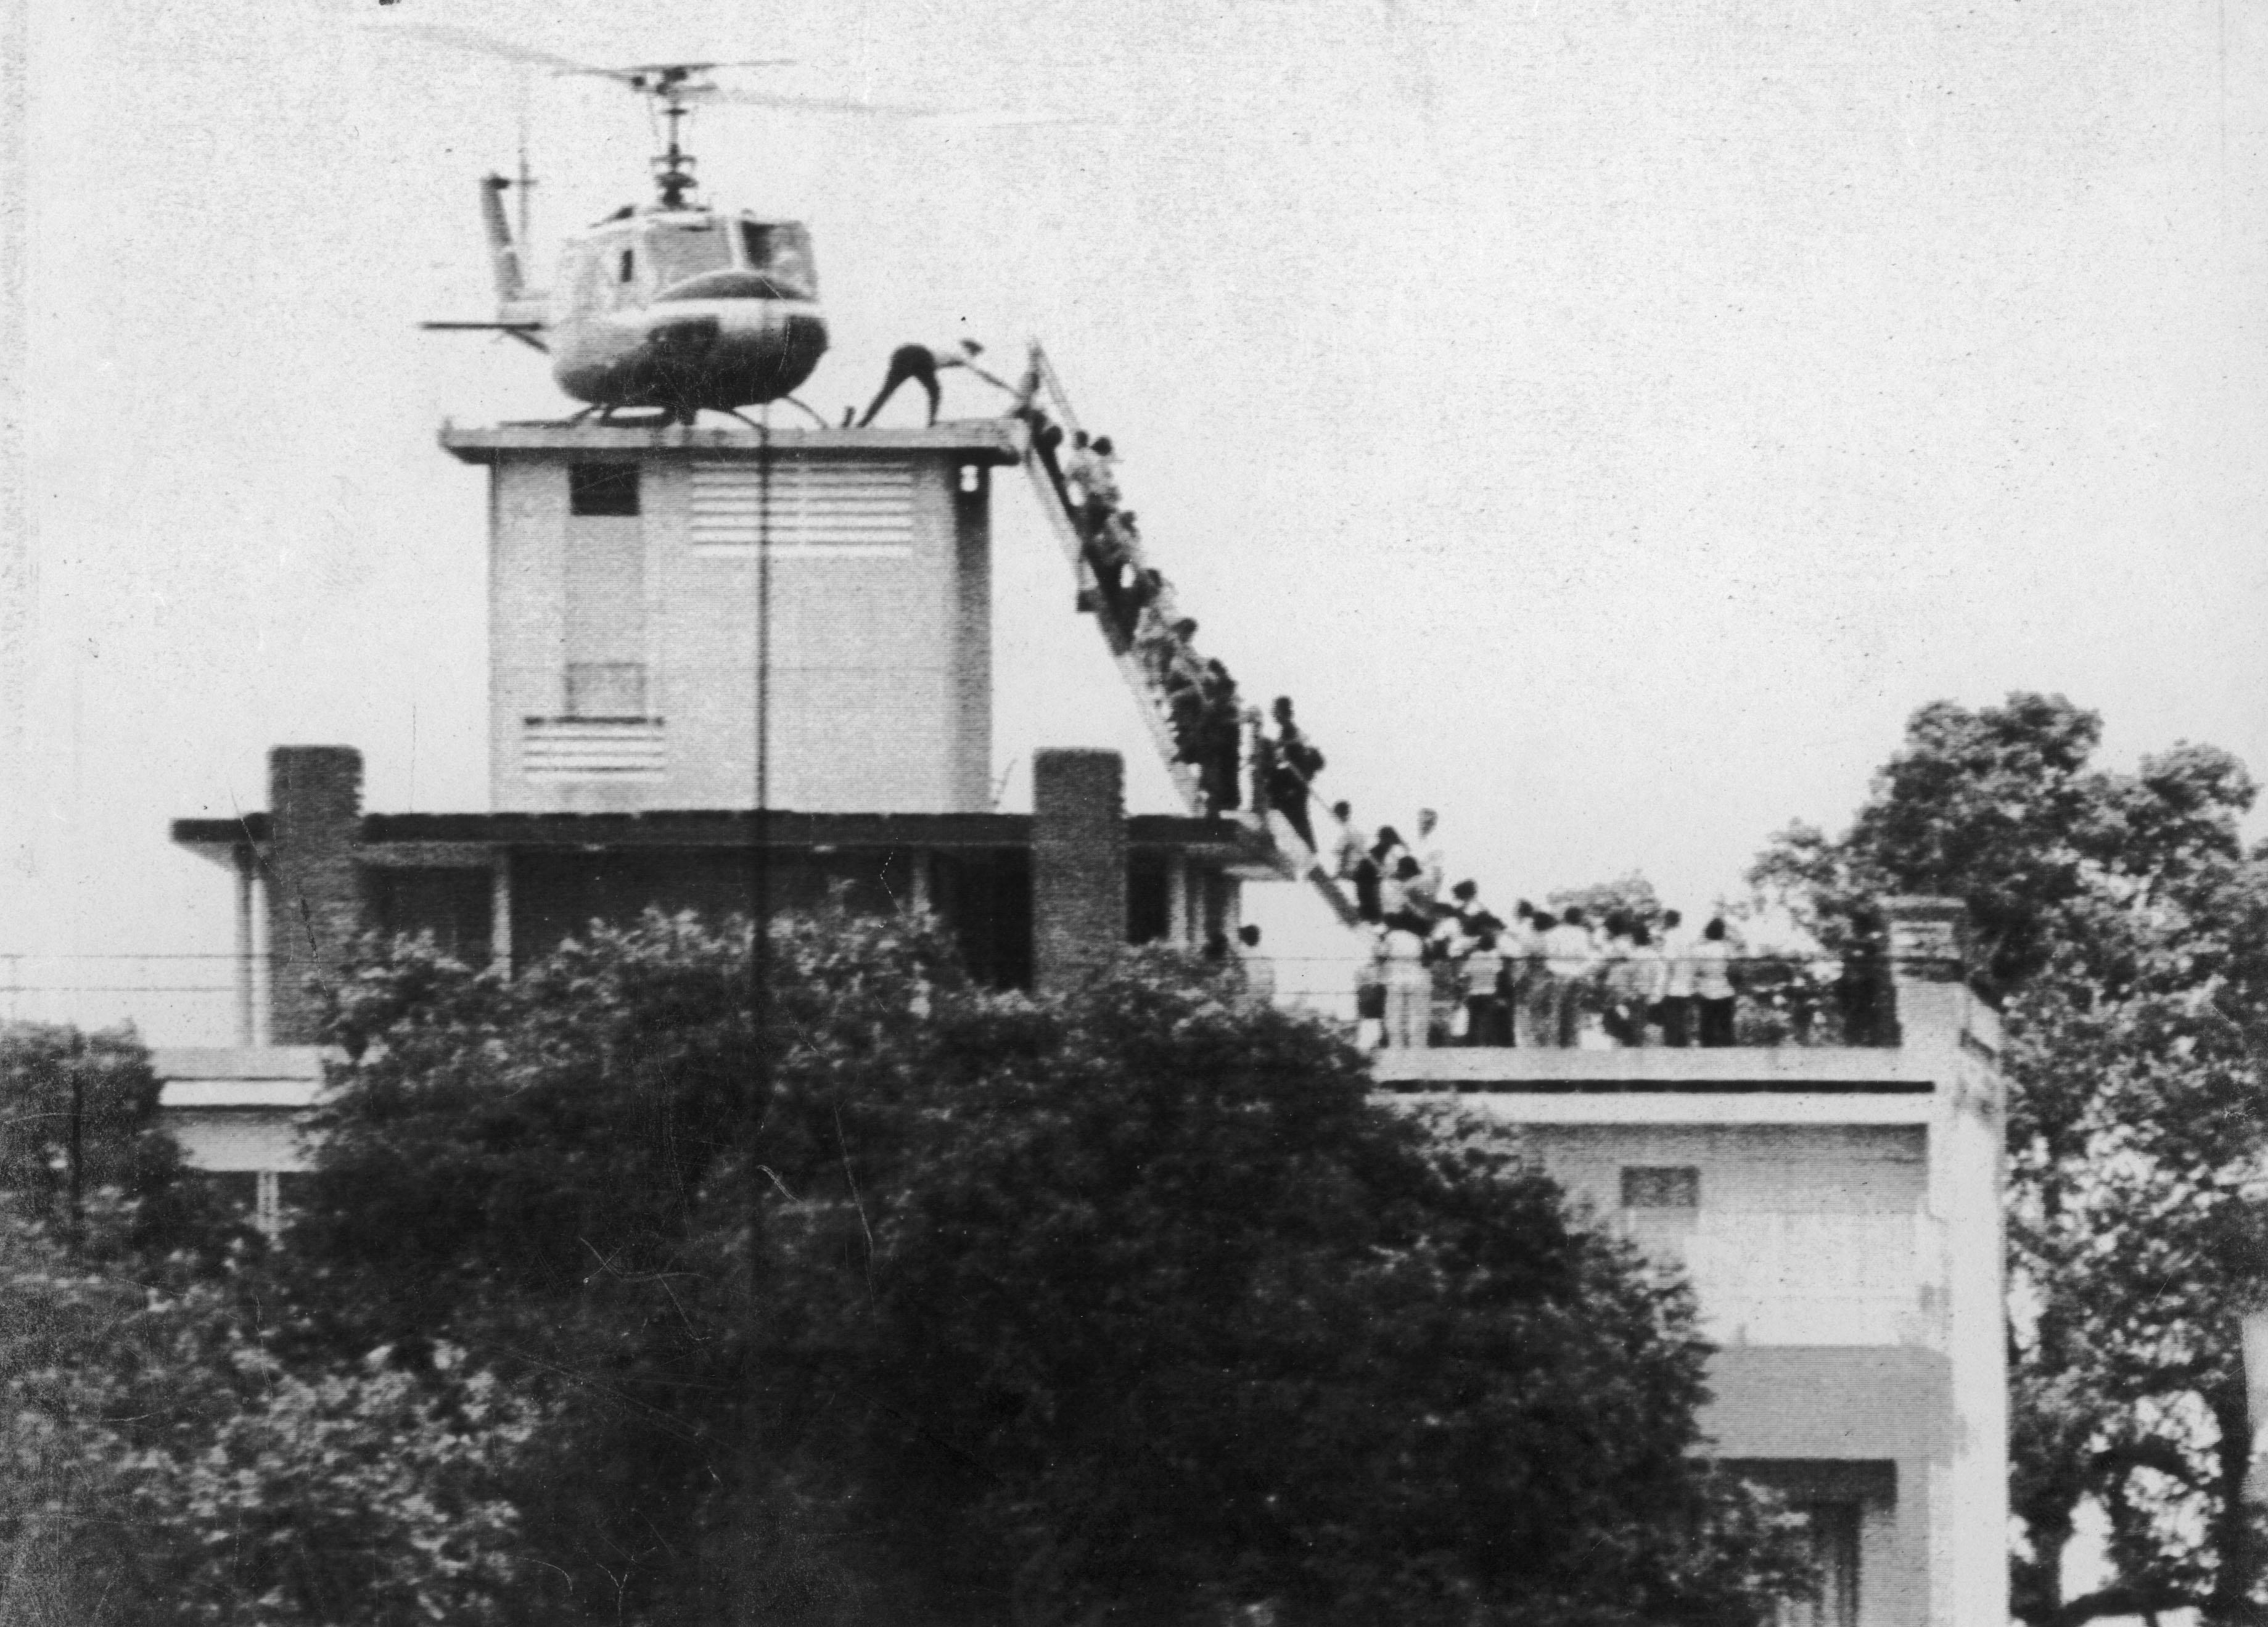 42 năm sau biến cố 30 tháng 4, một nhà báo Nhật tại Hà Nội vẫn không muốn viết 'giải phóng miền Nam'